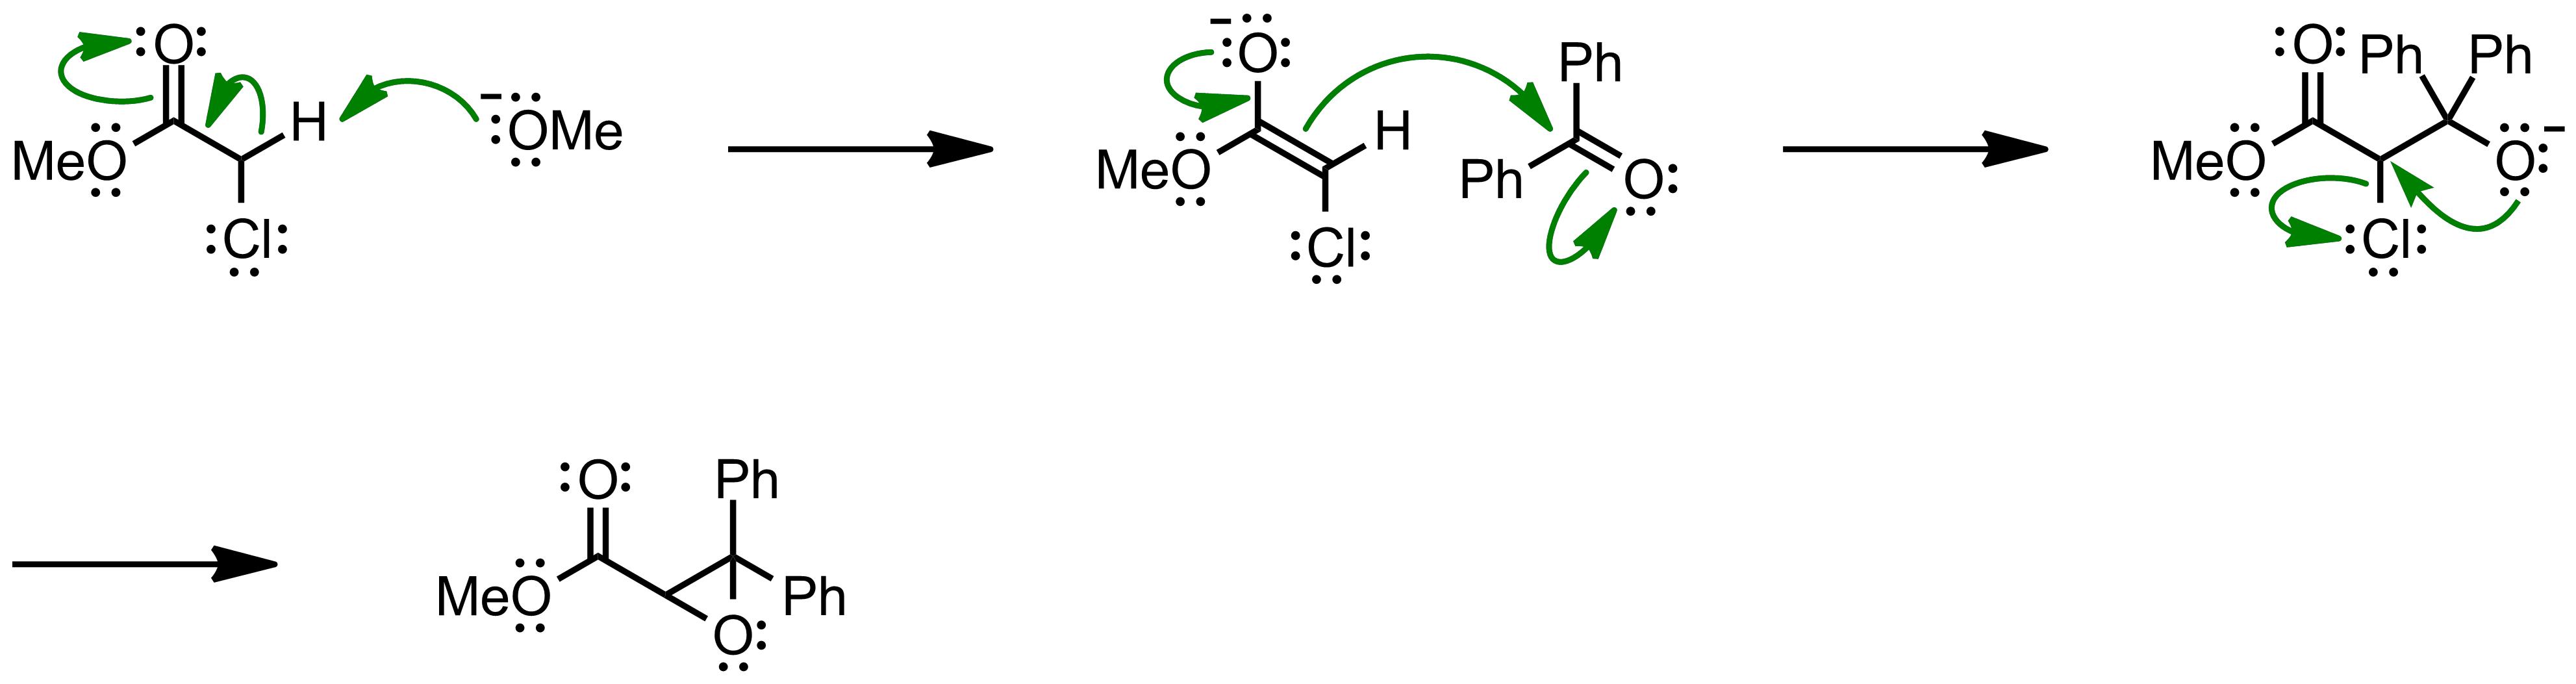 Mechanism of the Darzens Condensation